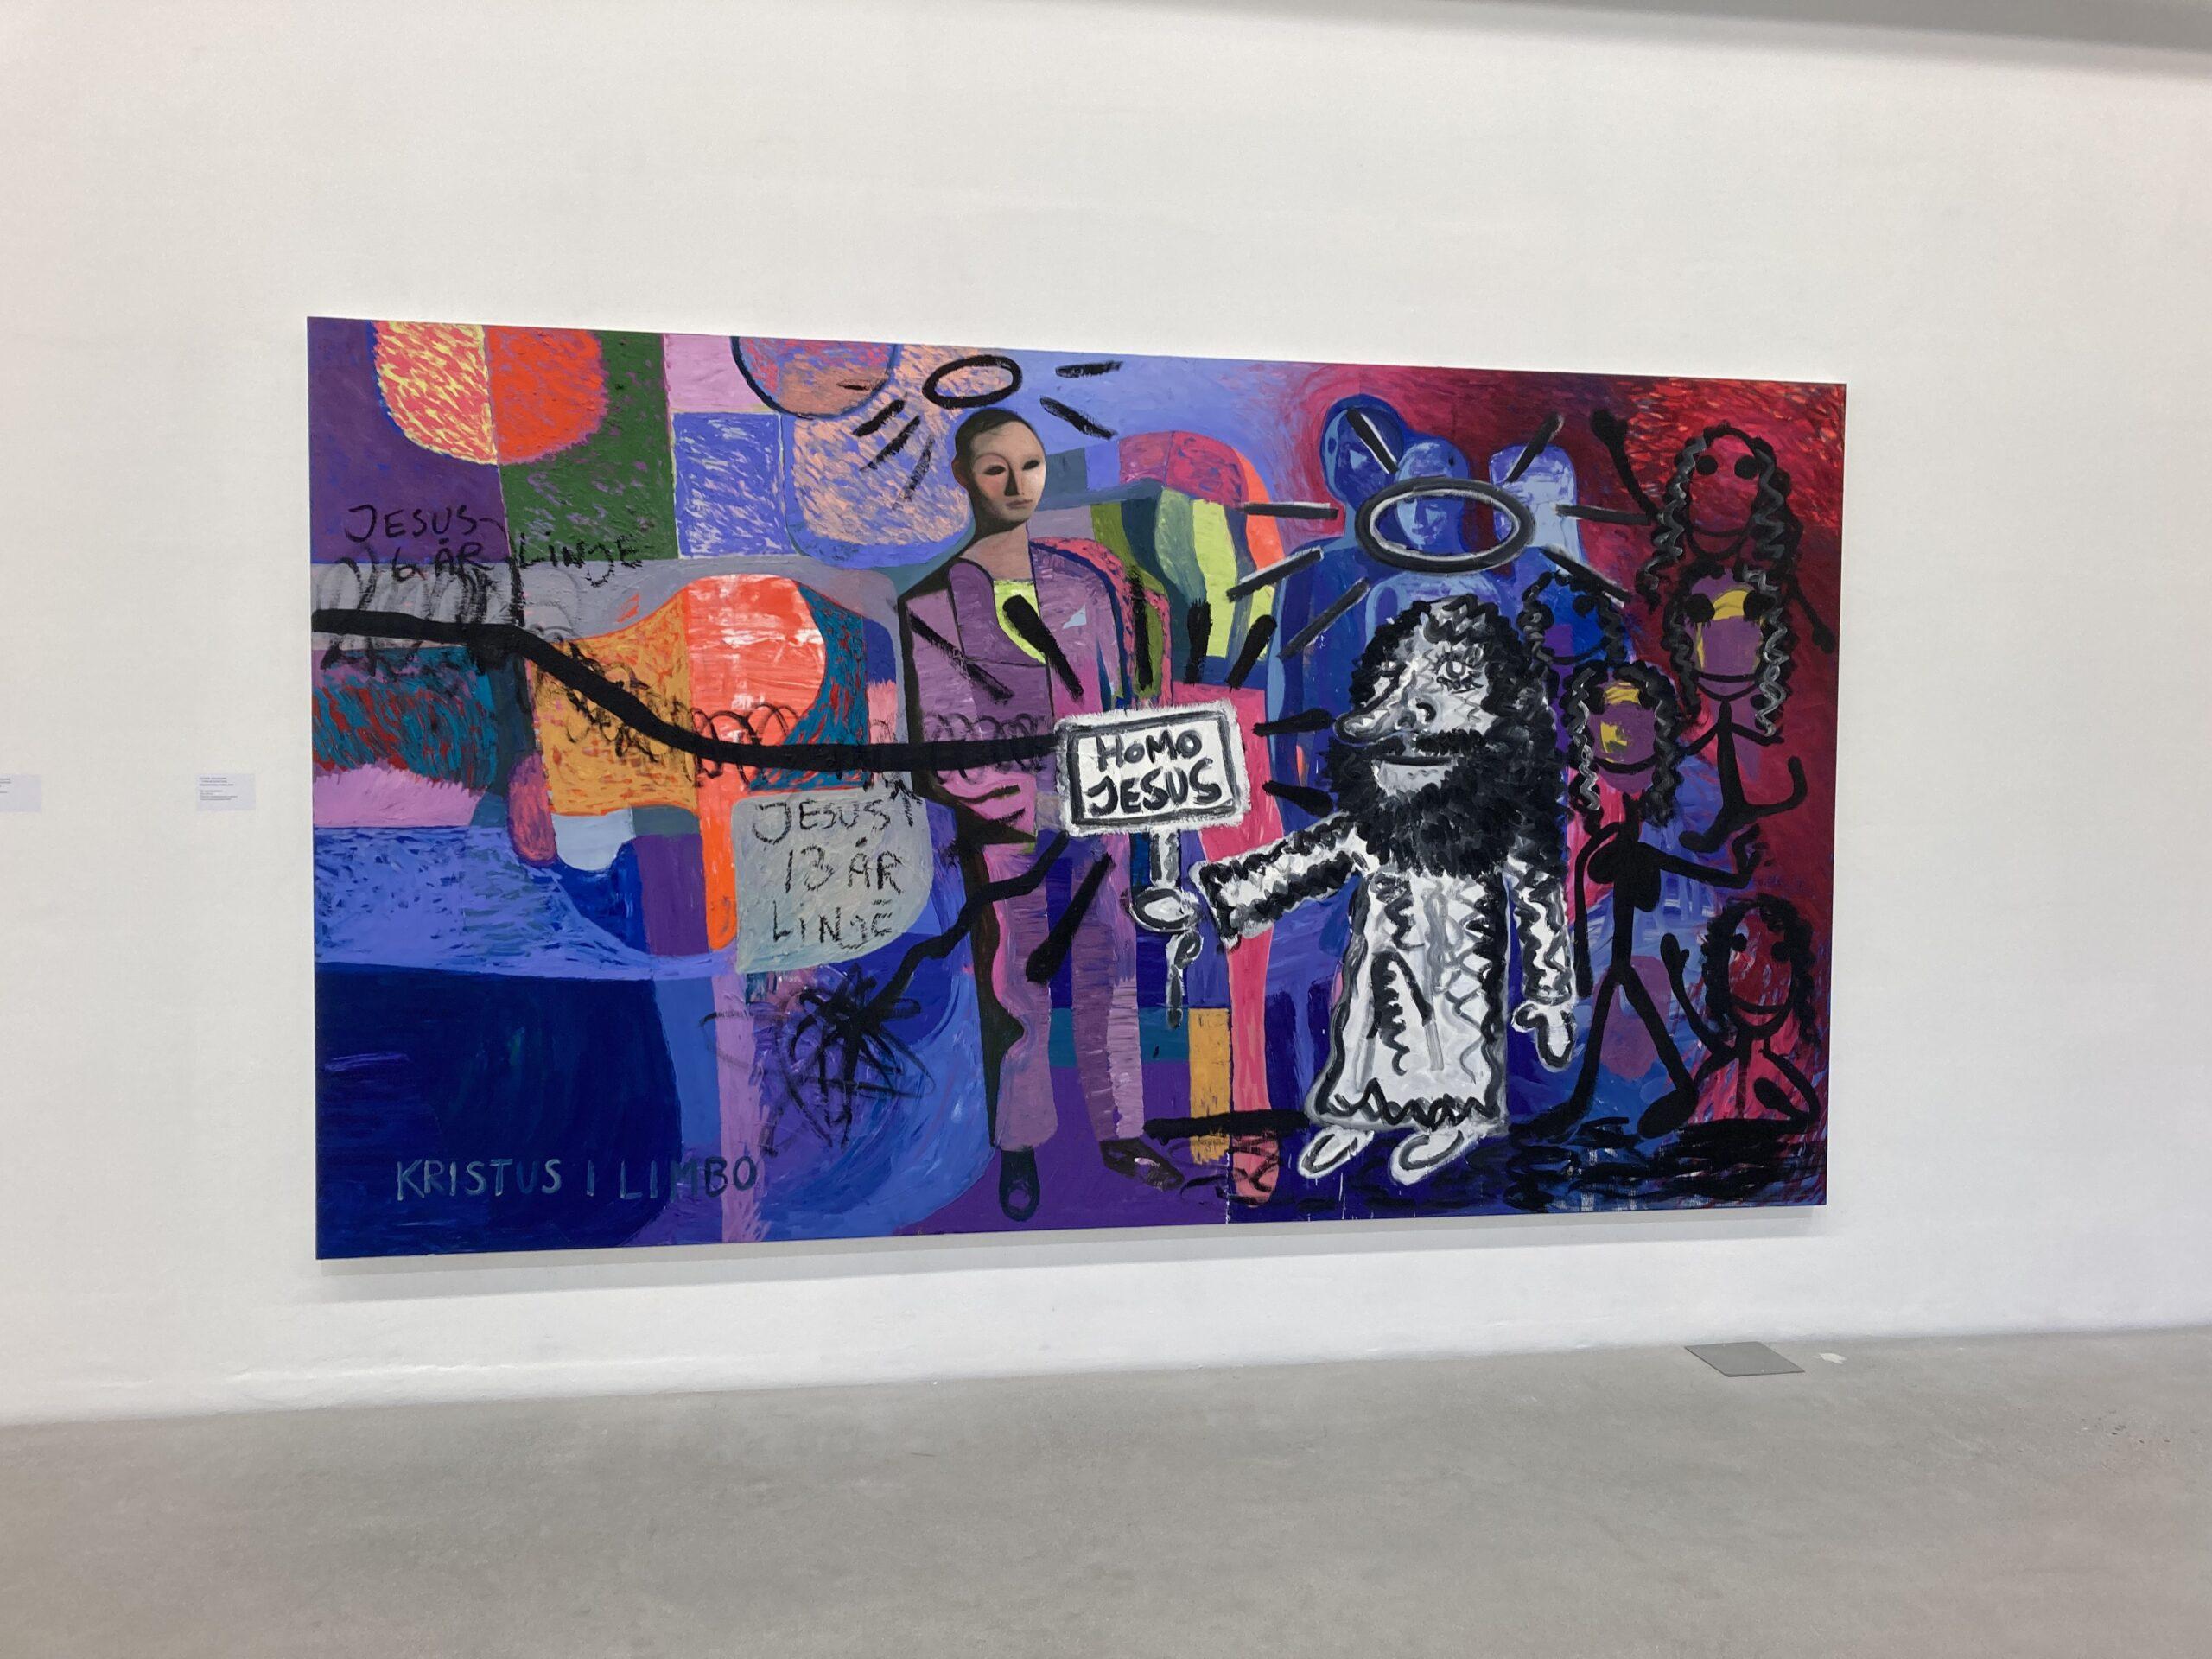 """Maleri av Sverre Bjertnes og Bjarne Melgaard. tematikken kan nok provosere """"Homo Jesus"""". Men det er grunn til minne om at """"homo"""" betyr menneske."""